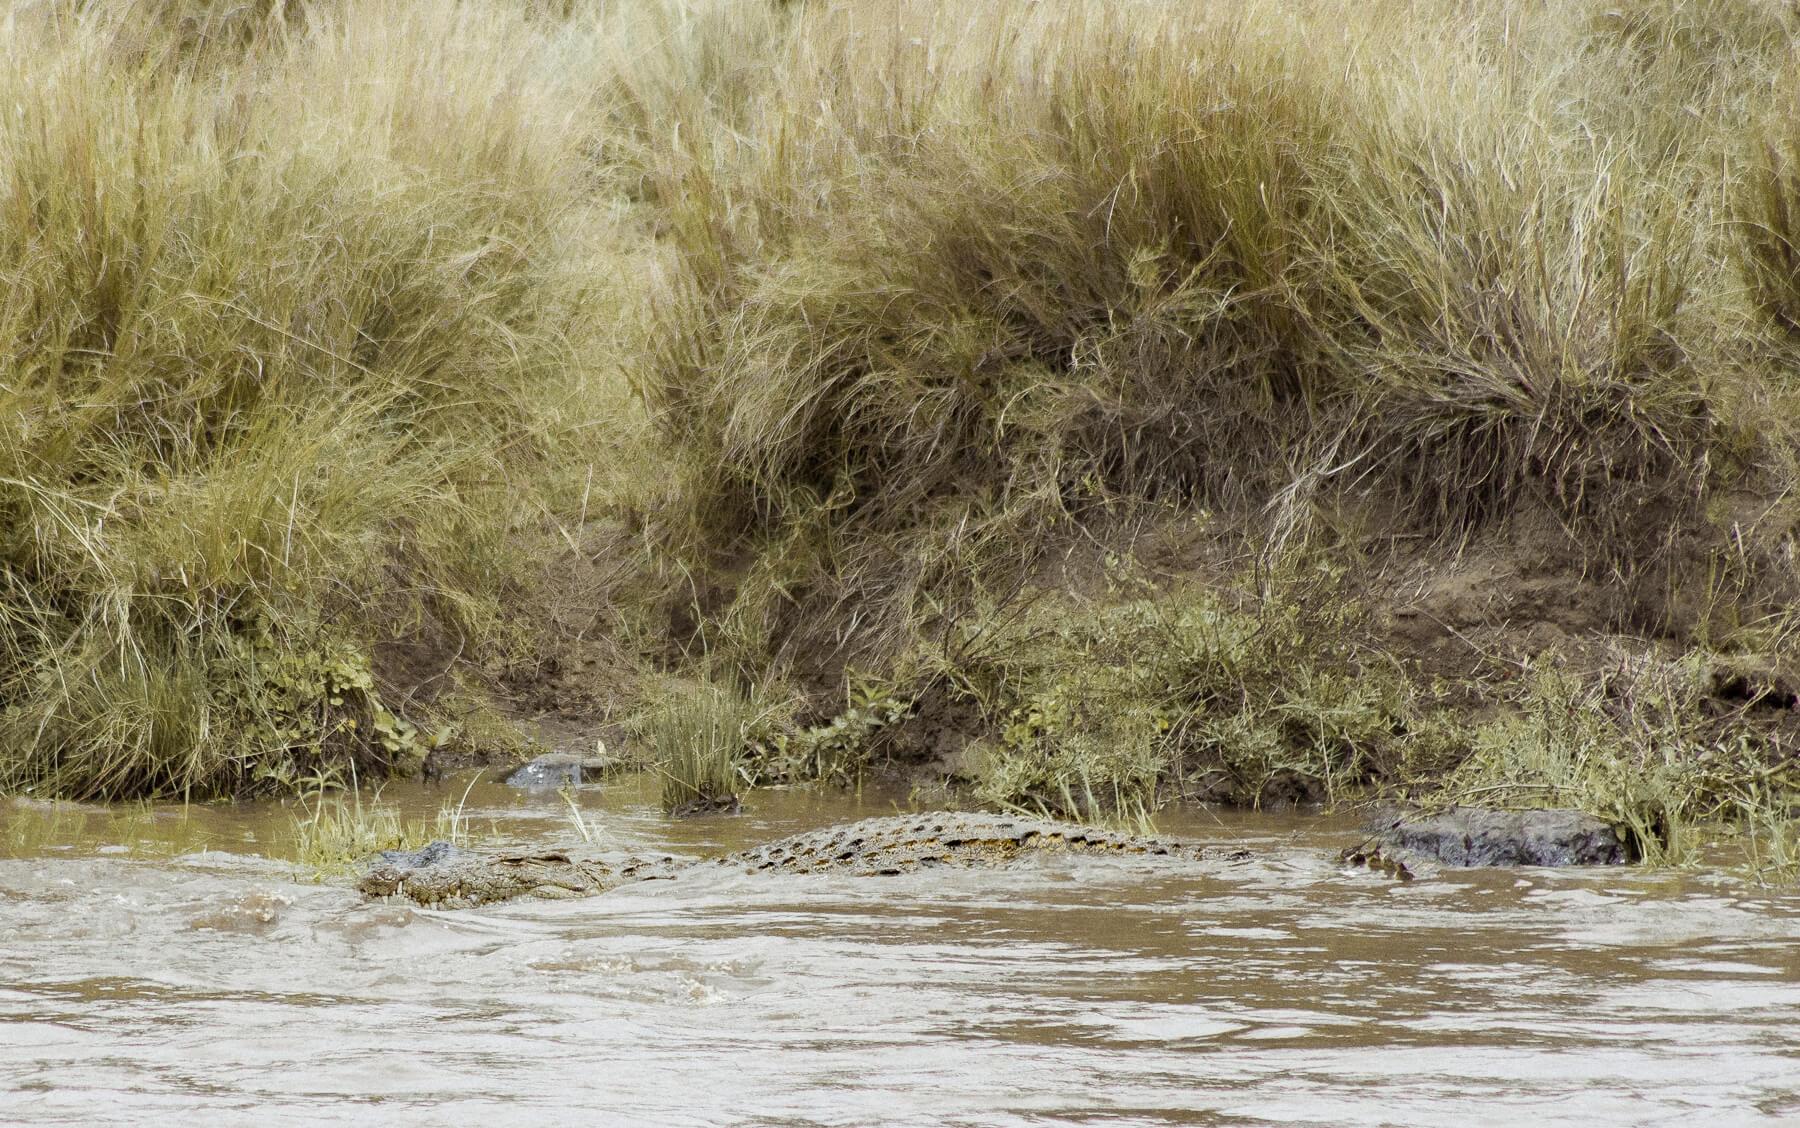 A huge crocodile resting in the Mara River, Kenya